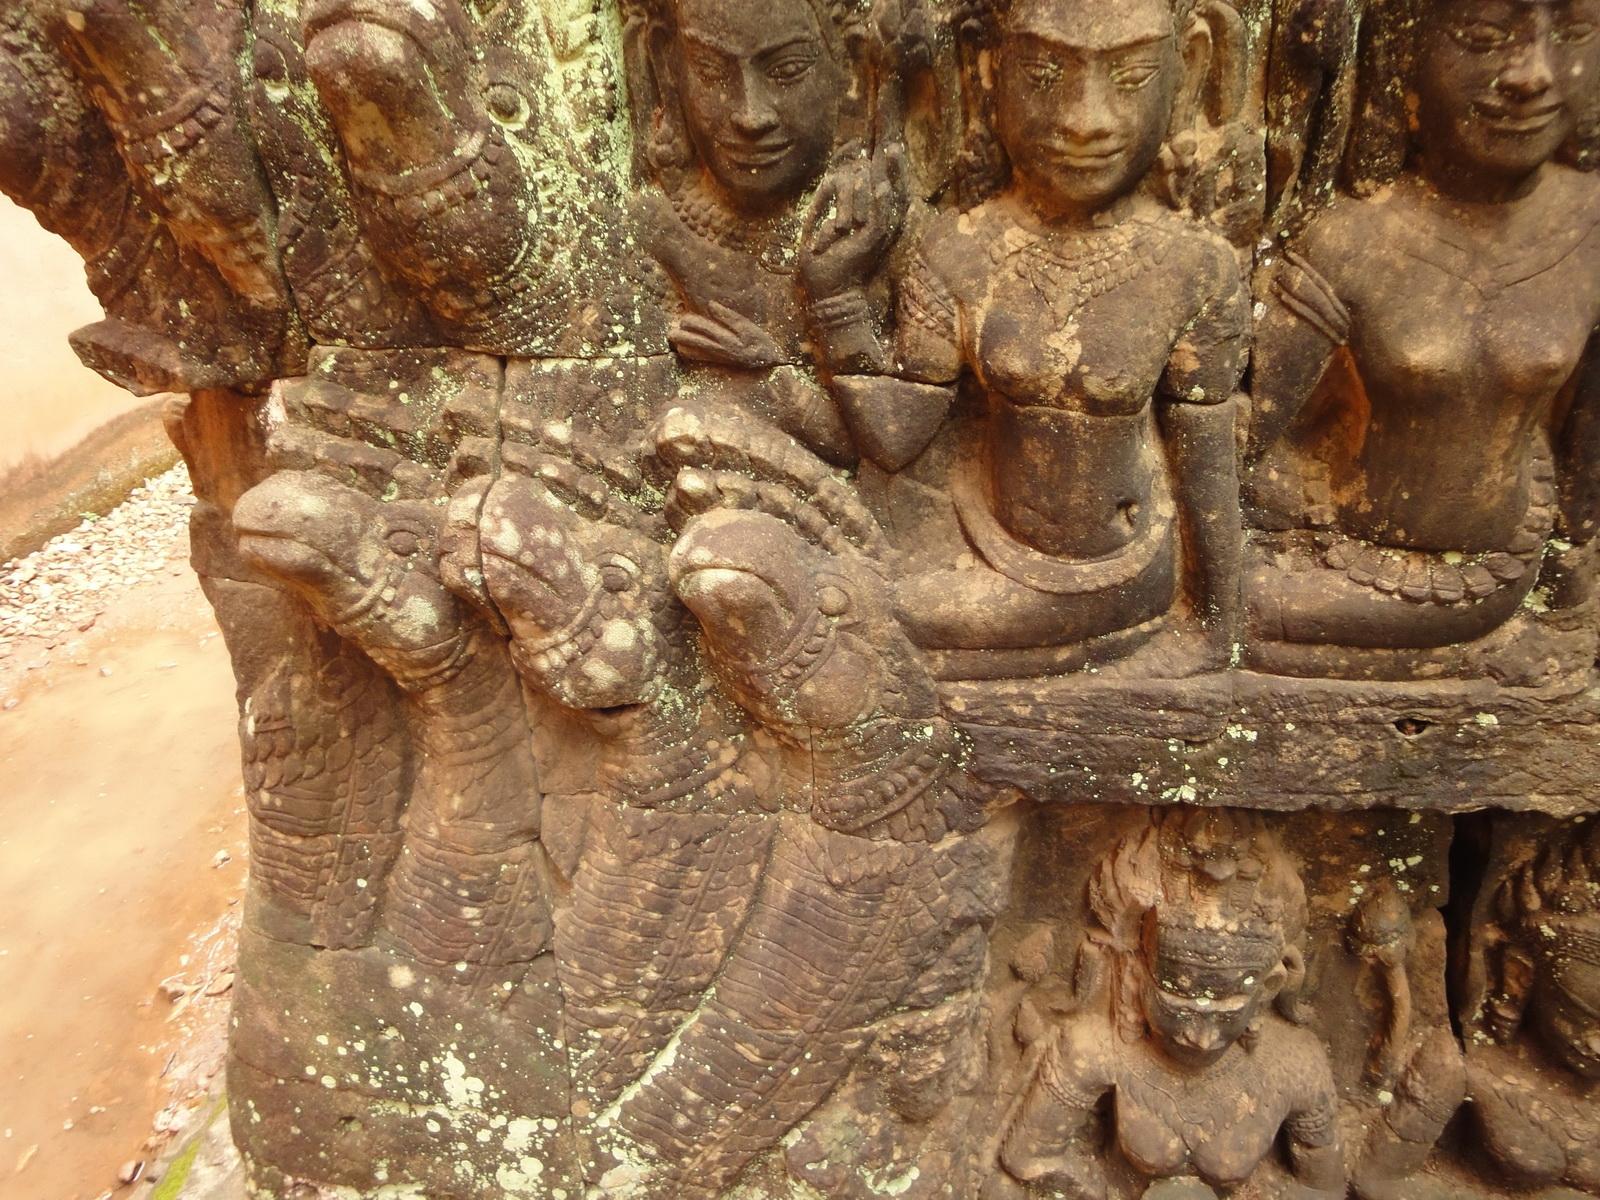 Leper King Terrace hidden wall underworld Nagas and deities 124